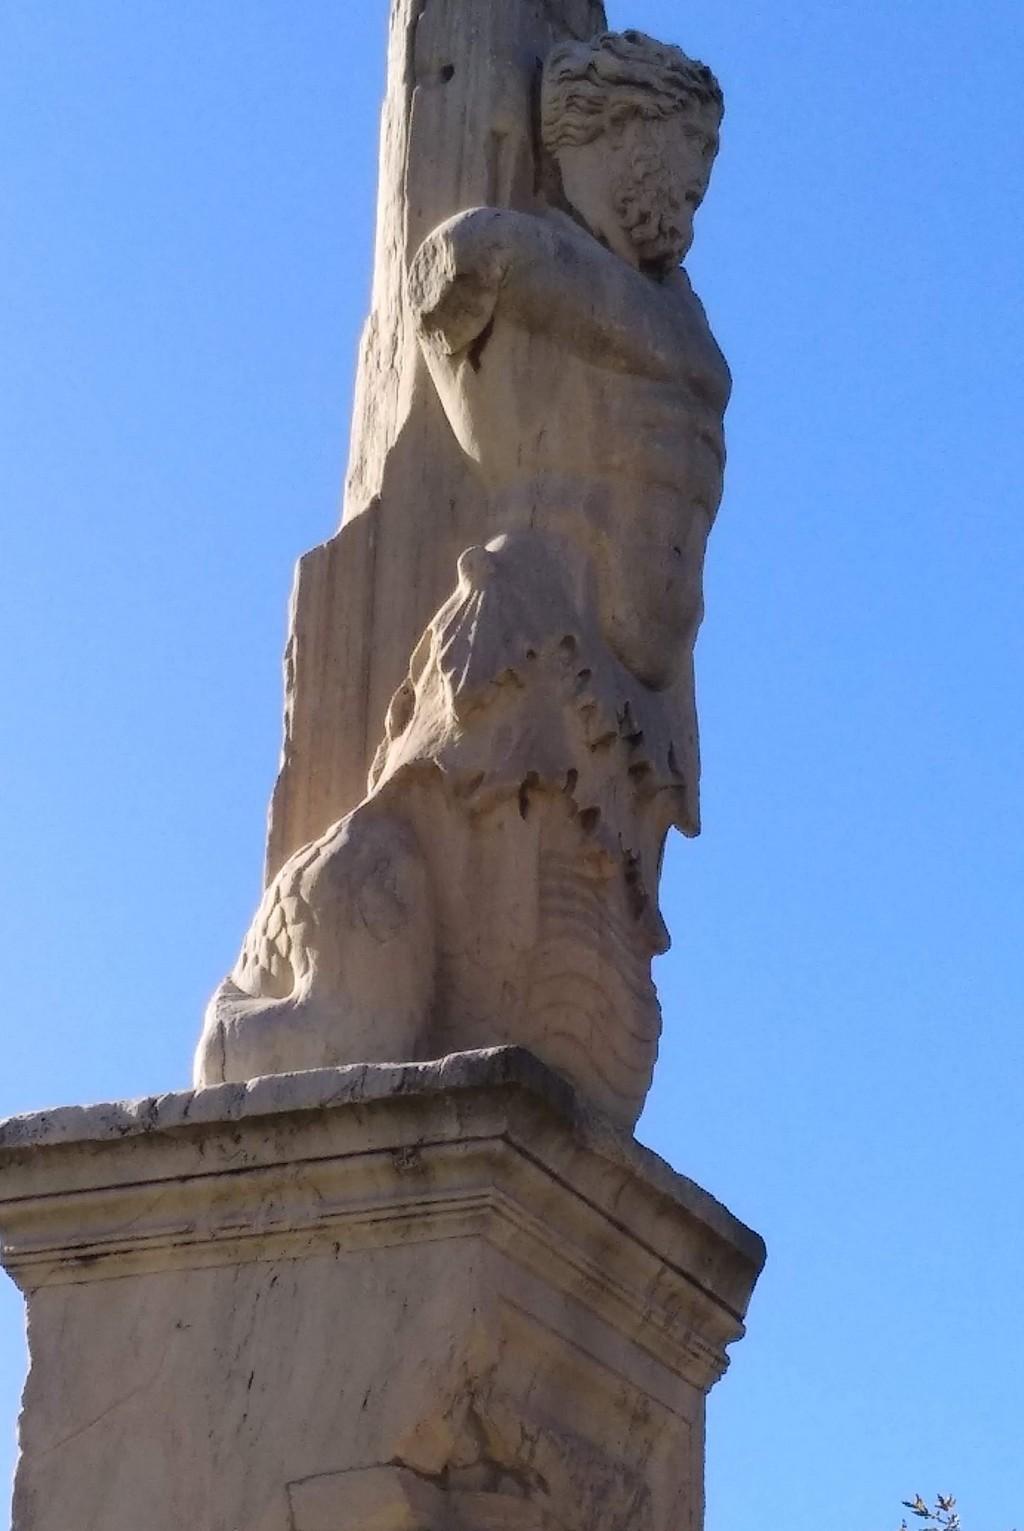 Ξενάγηση στην Αρχαία Αγορά της Αθήνας (01/12/2019)